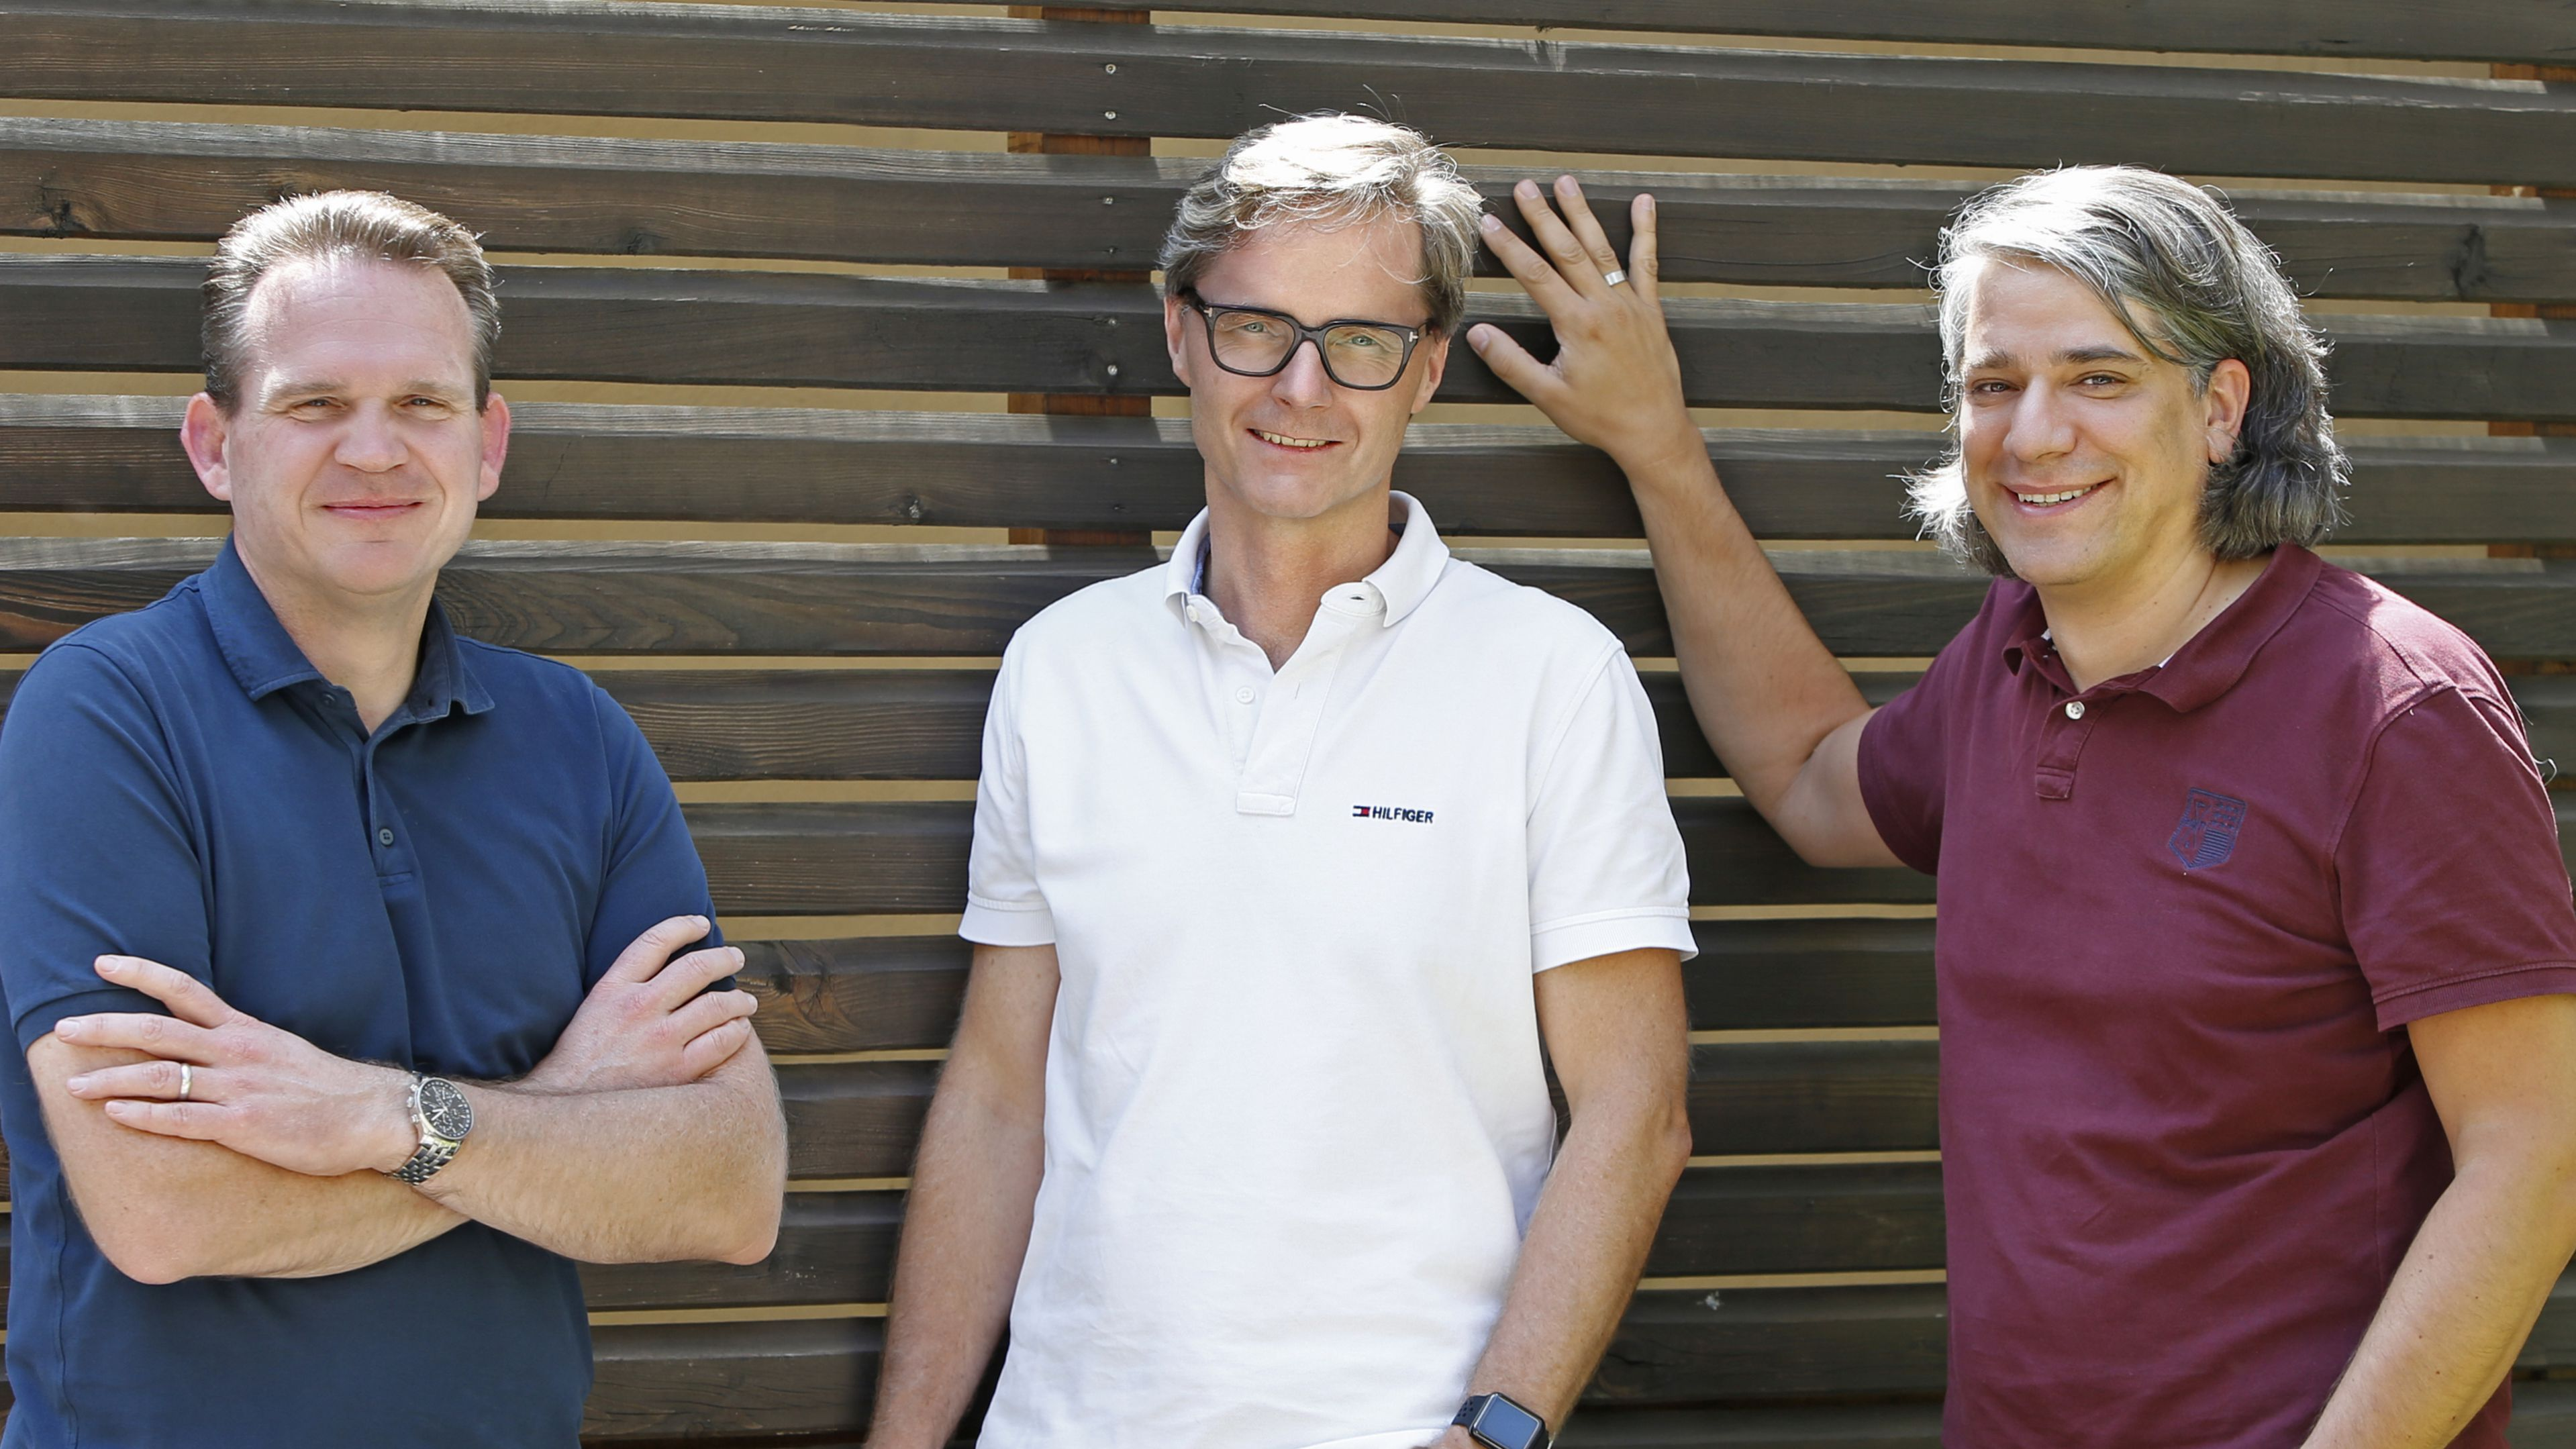 Serviceplan-Gruppe: Plan.Net gründet mit Neo einen Hybrid aus Media- und Contentagentur